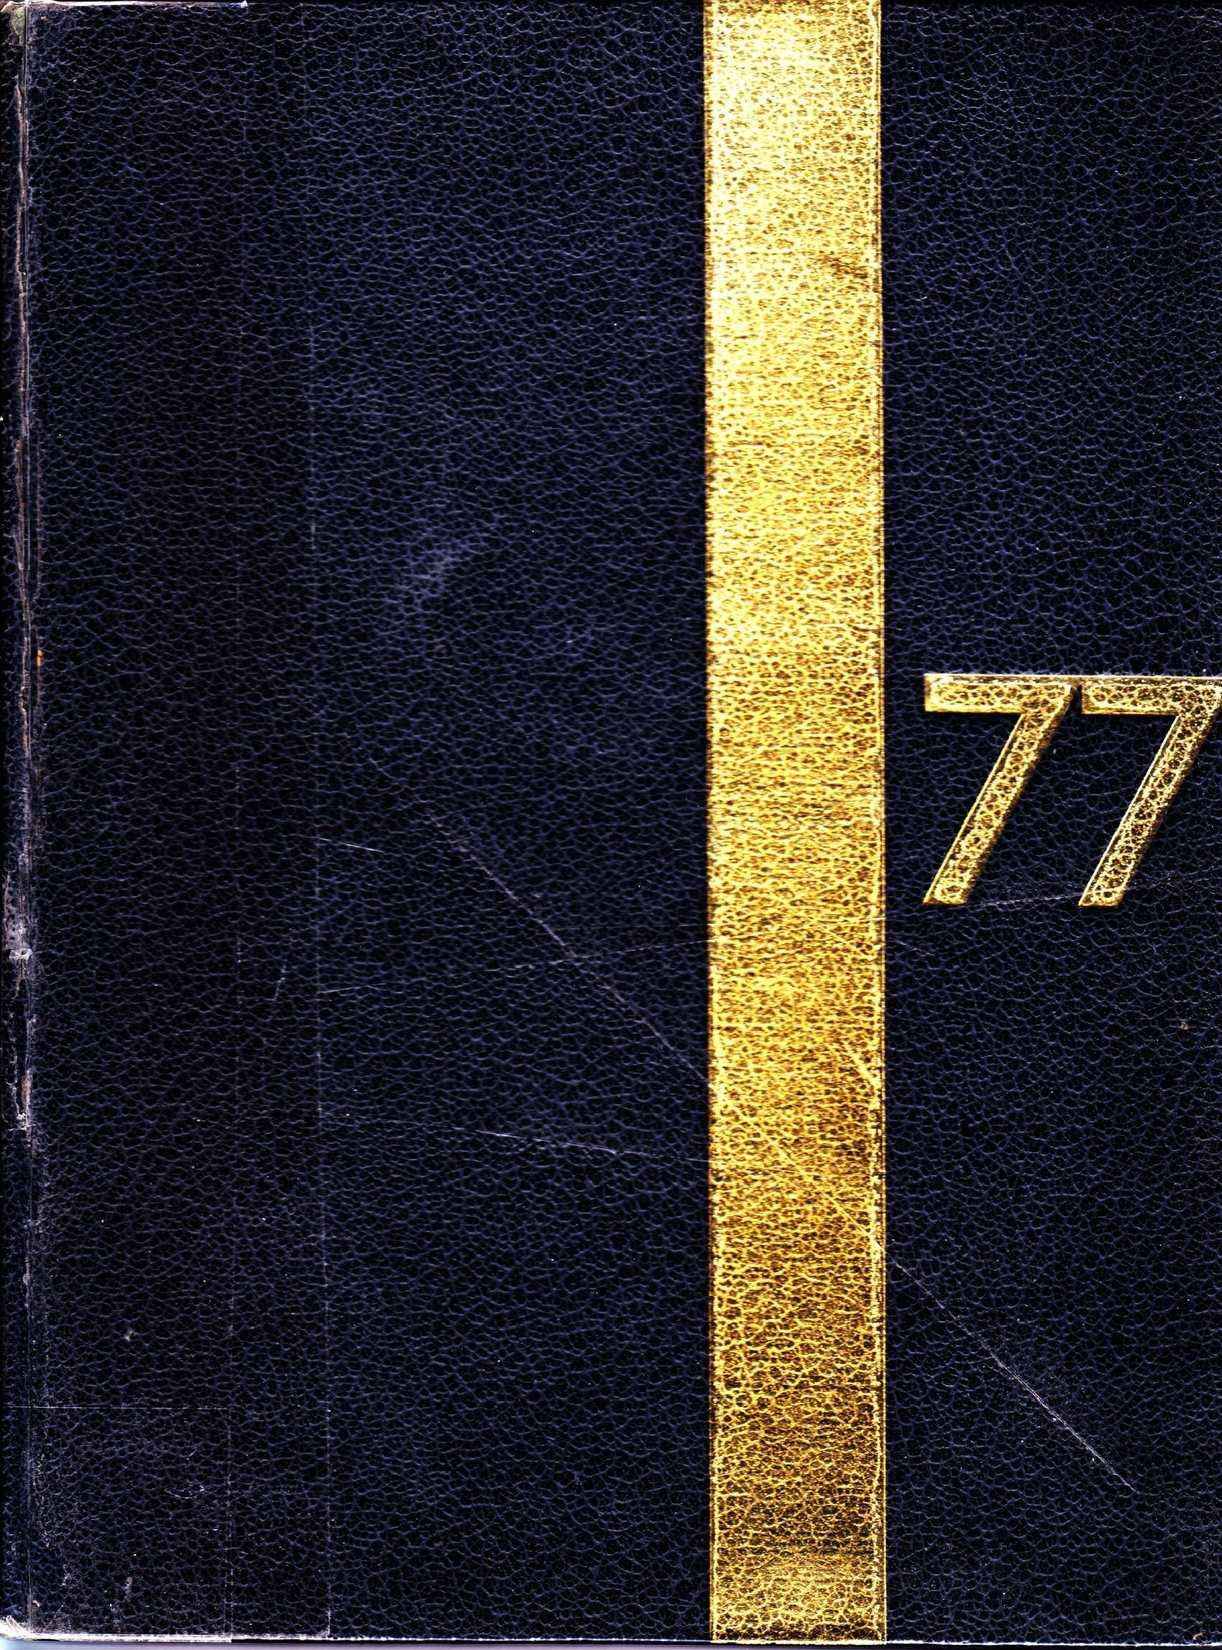 77 par Vercors